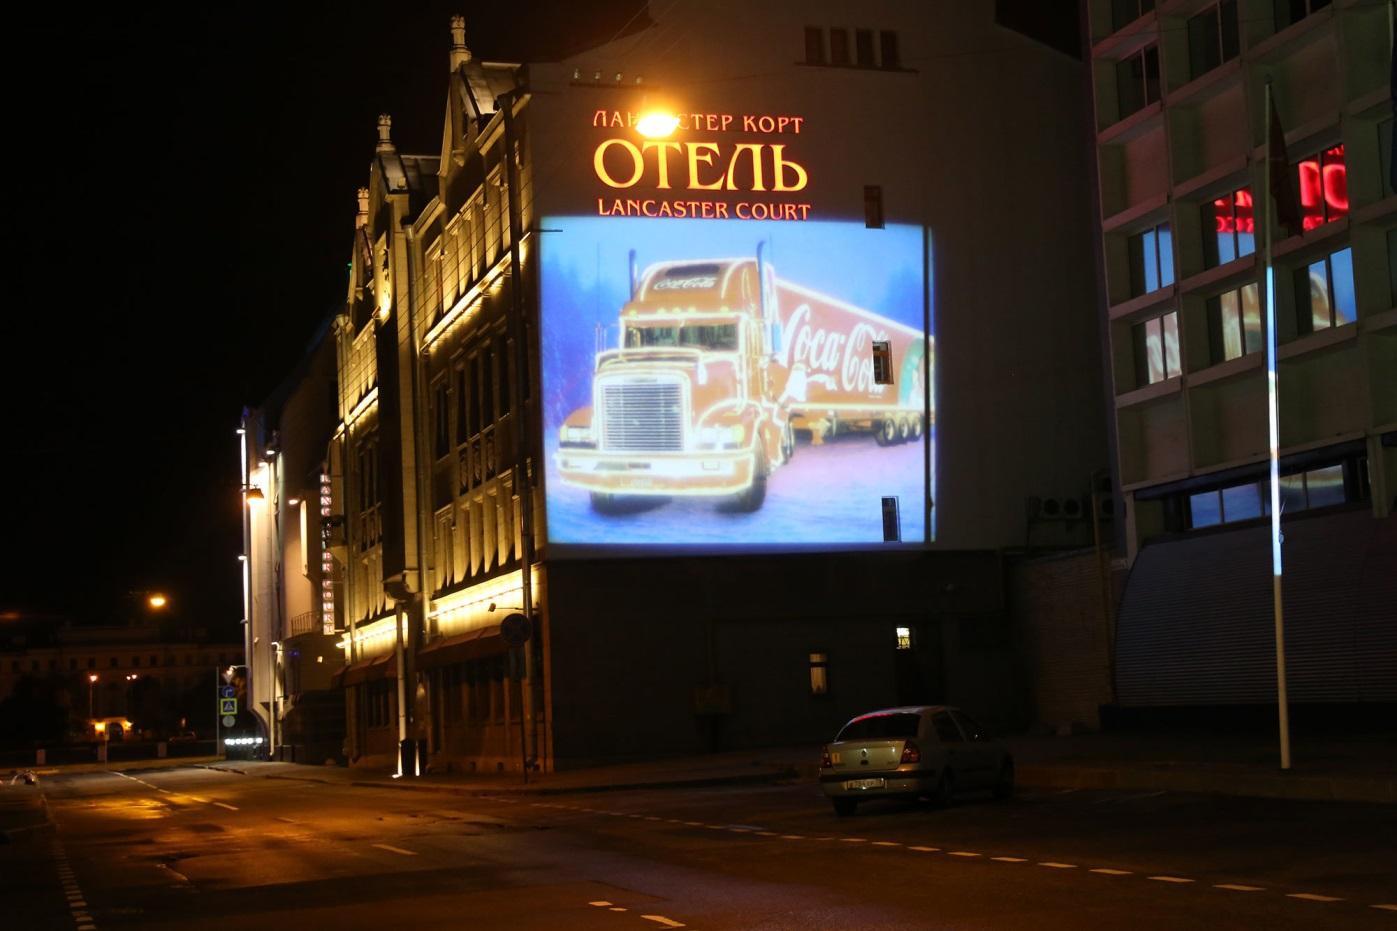 Фото 6. Проекция рекламы на поверхности